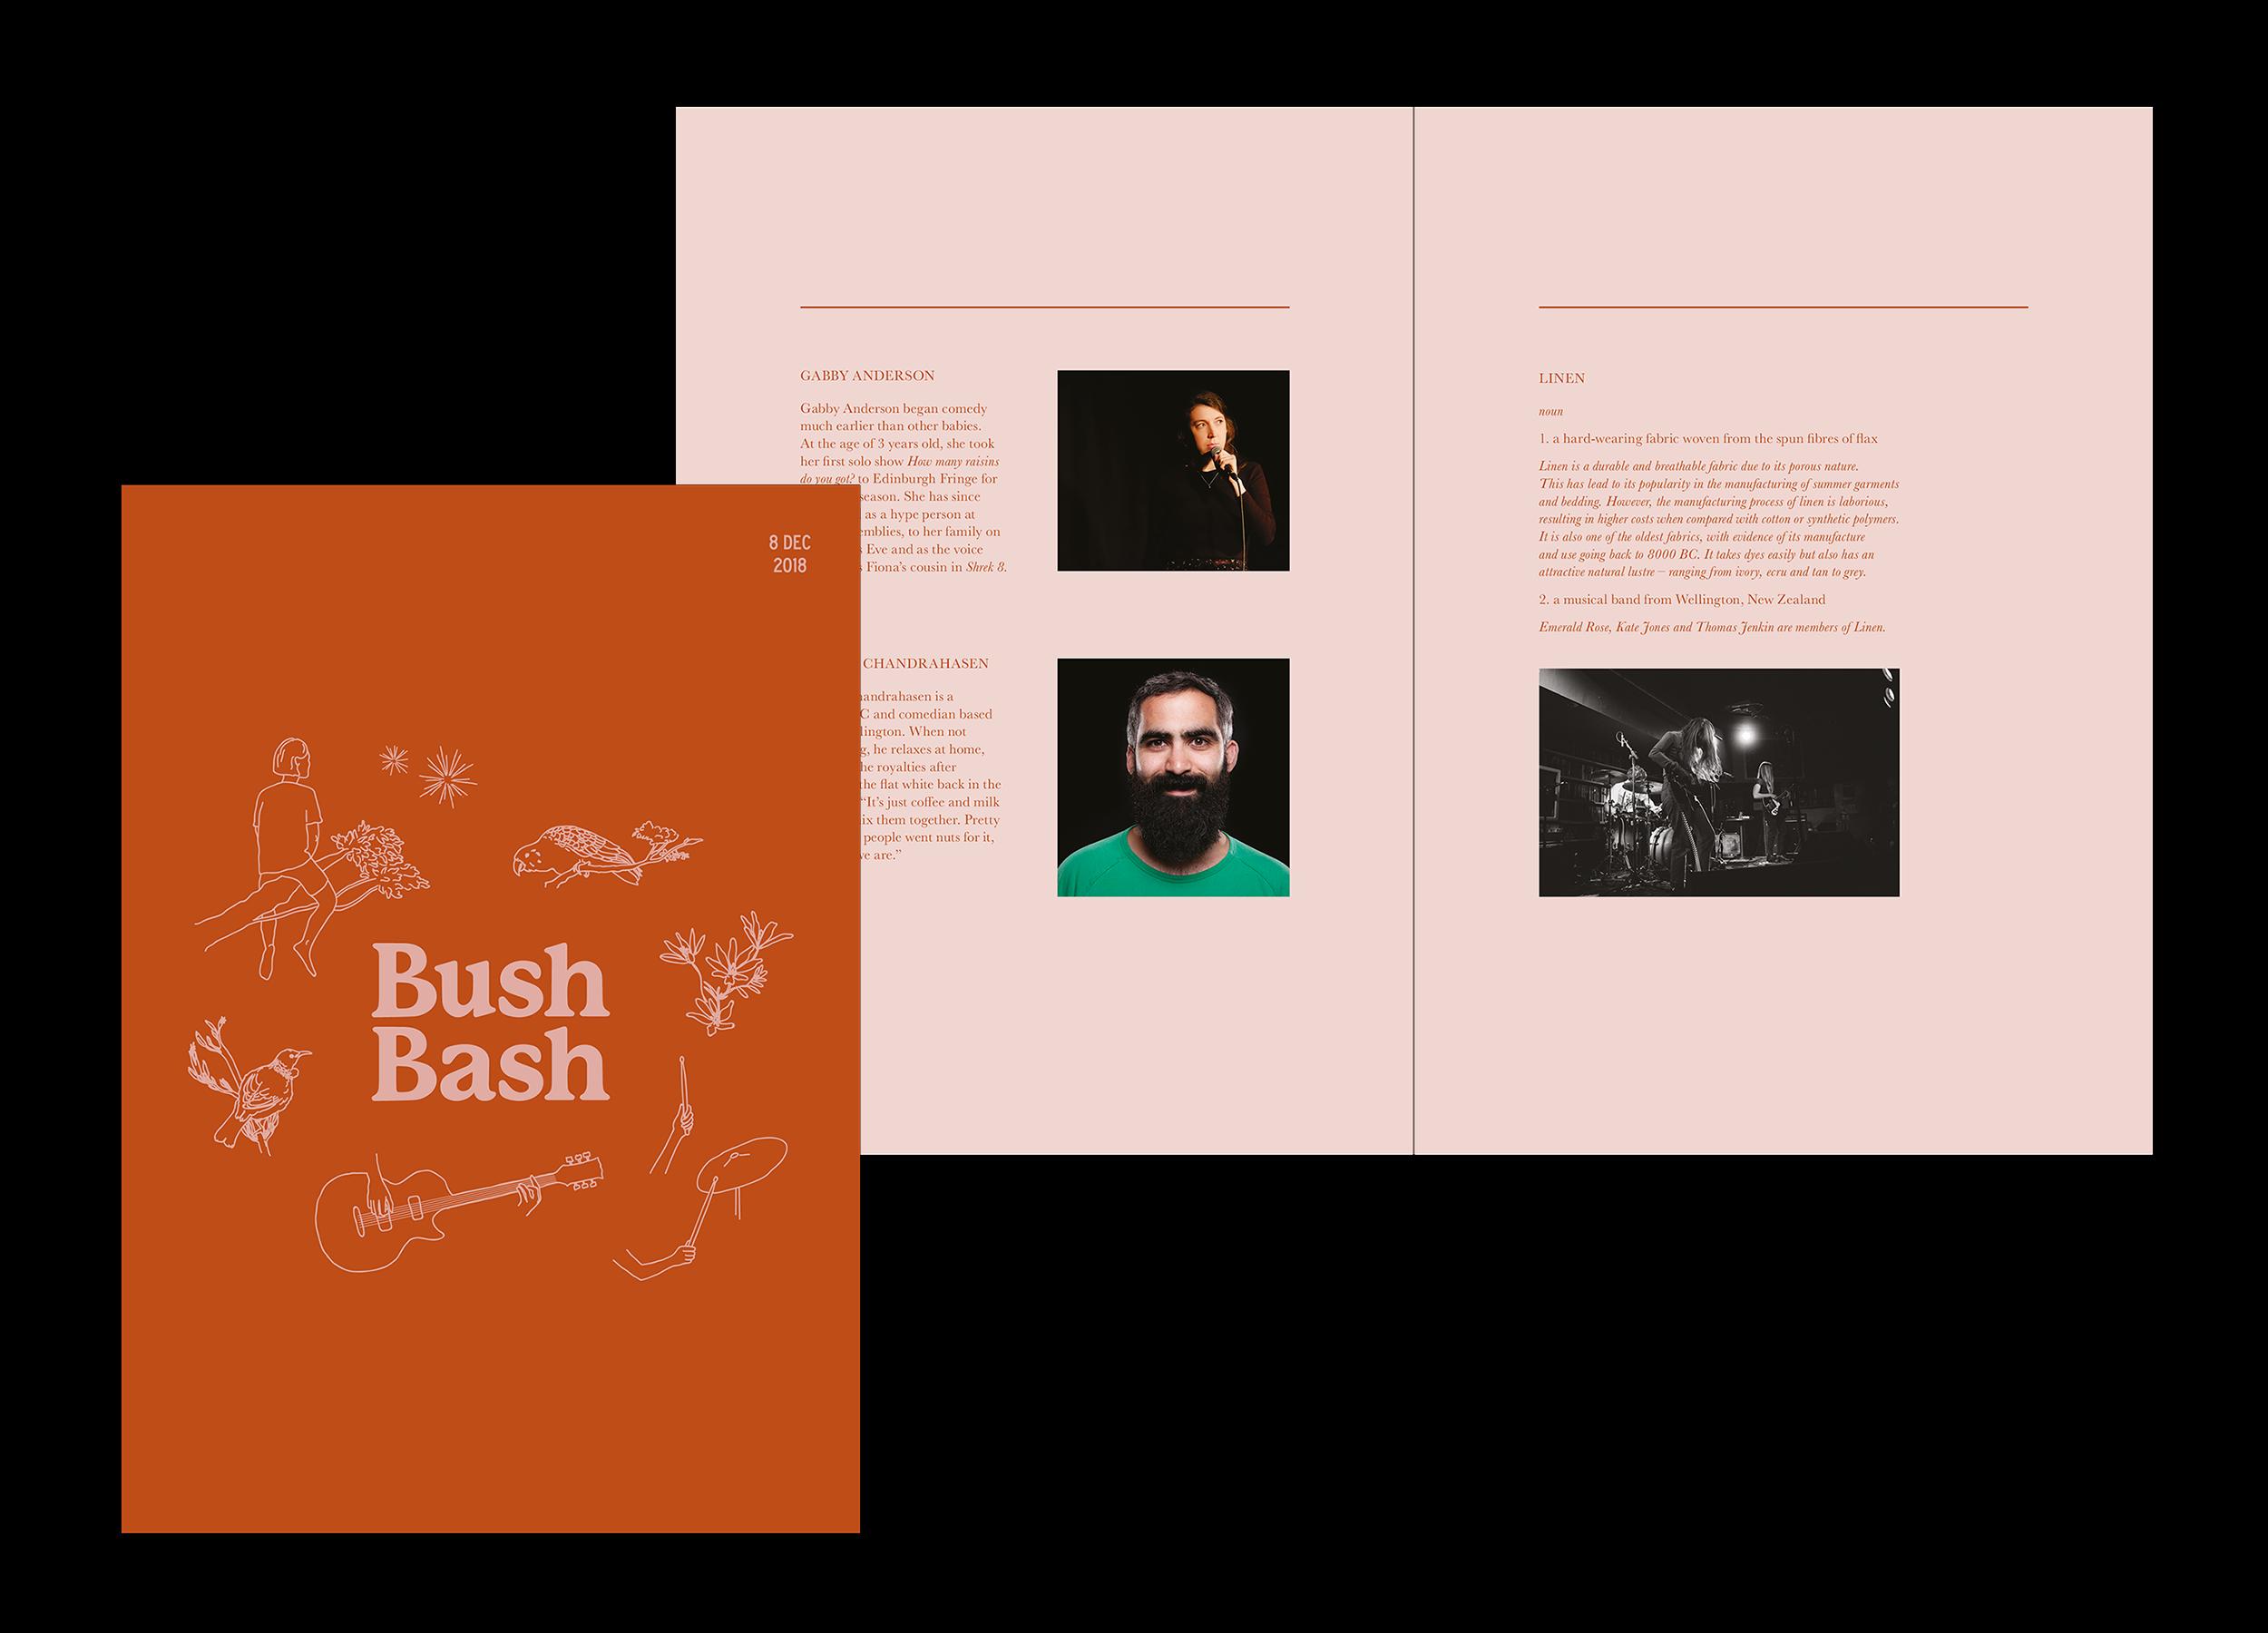 Bush Bash 2018 Booklet